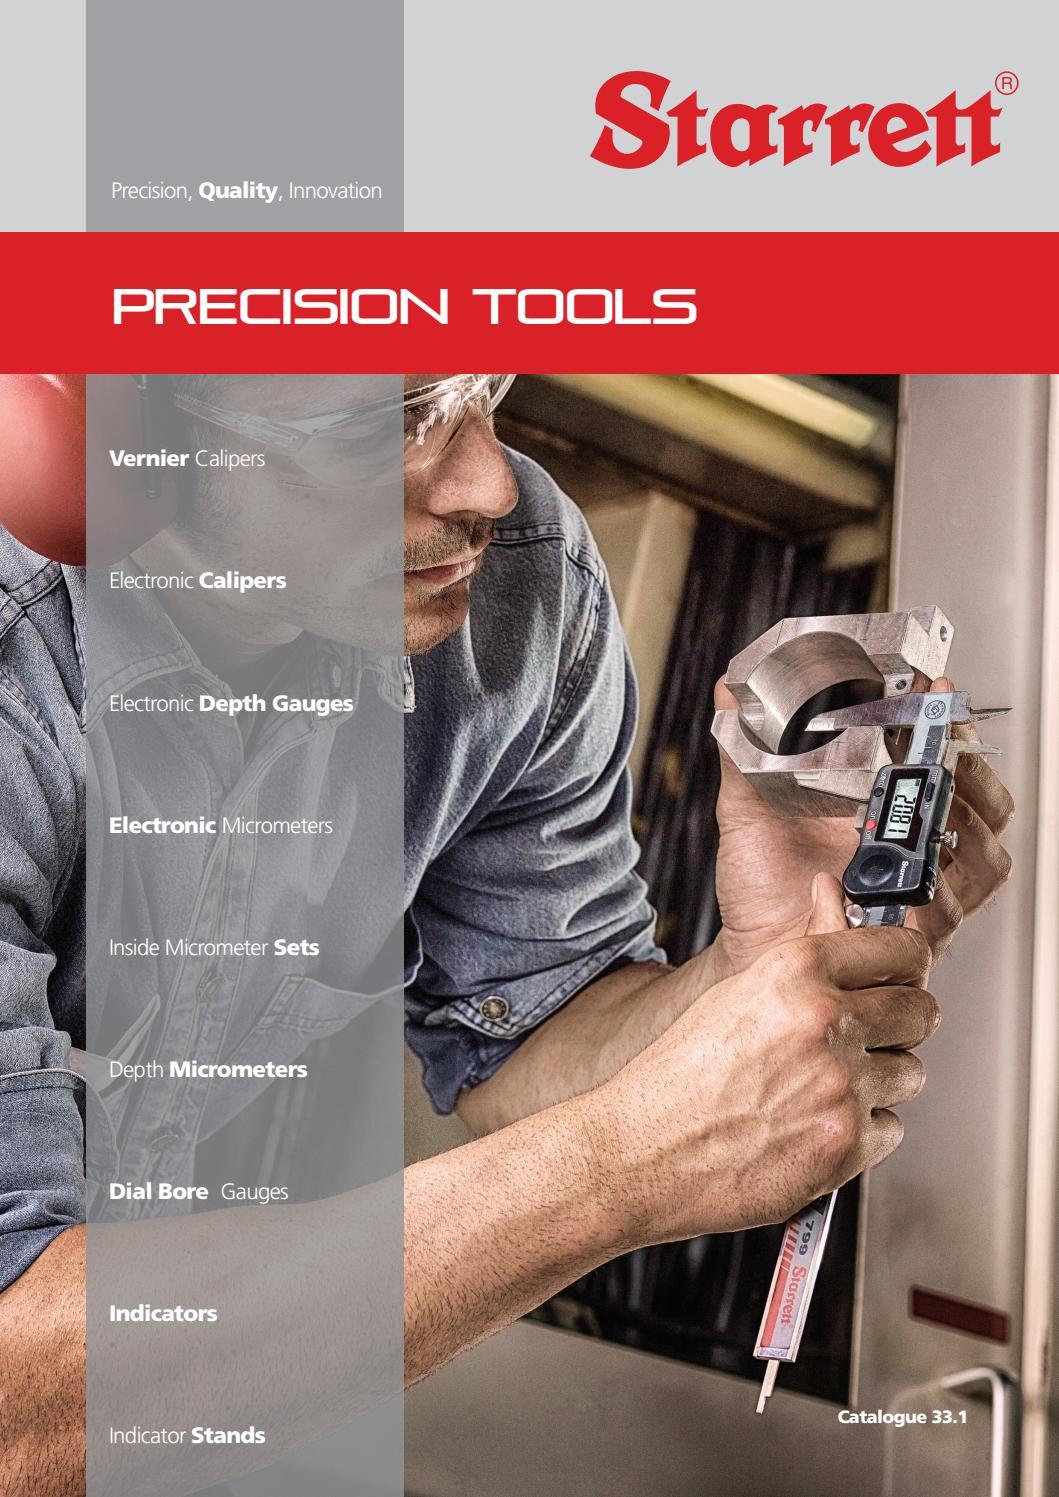 hight resolution of starrett uk precision tools catalogue 33 1 by the l s starrett company ltd issuu